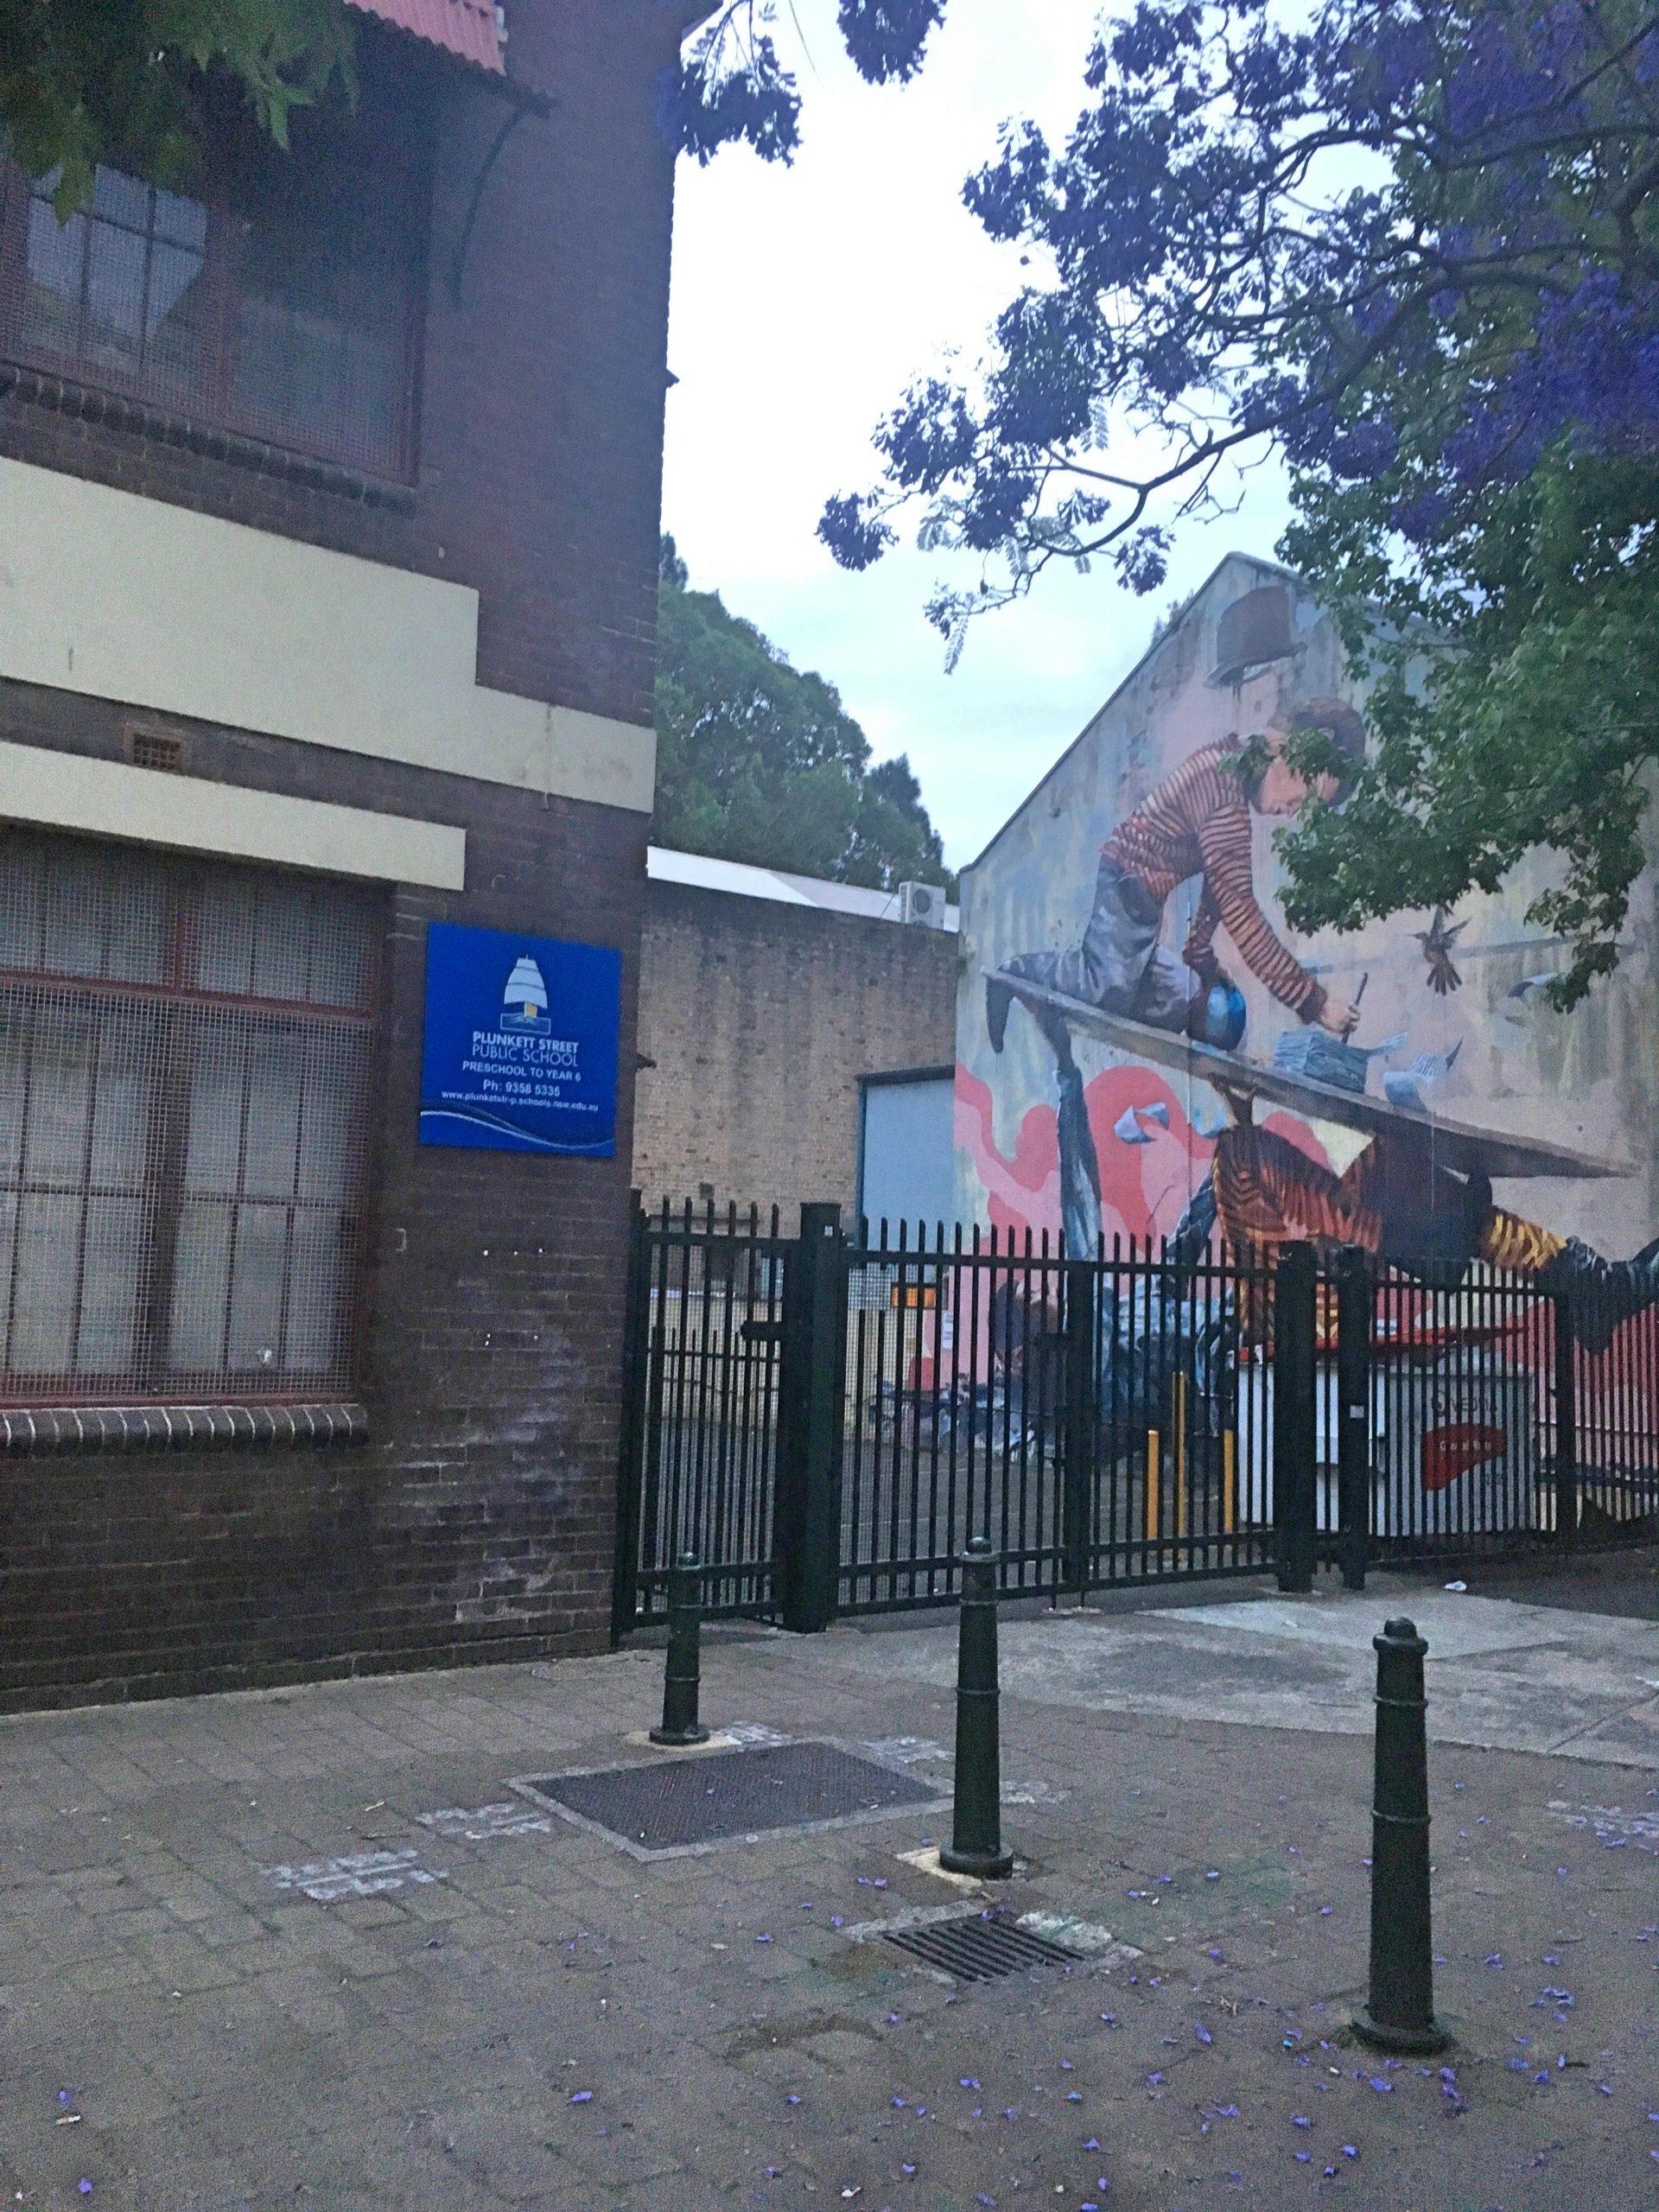 plunkett school from dowling street, woolloomooloo